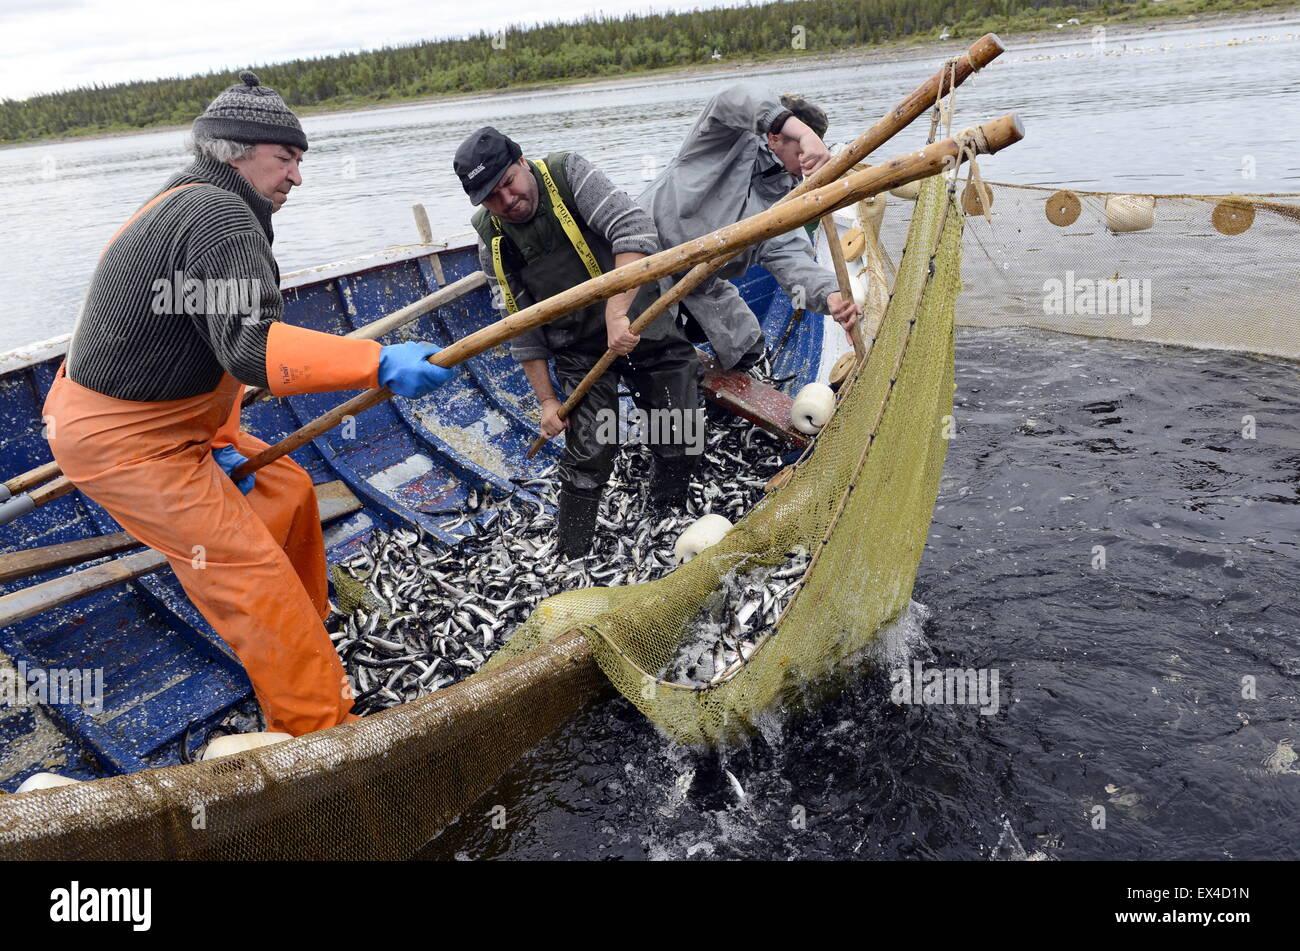 Murmansk Region, Russia. 22nd June, 2015. Fishermen ...